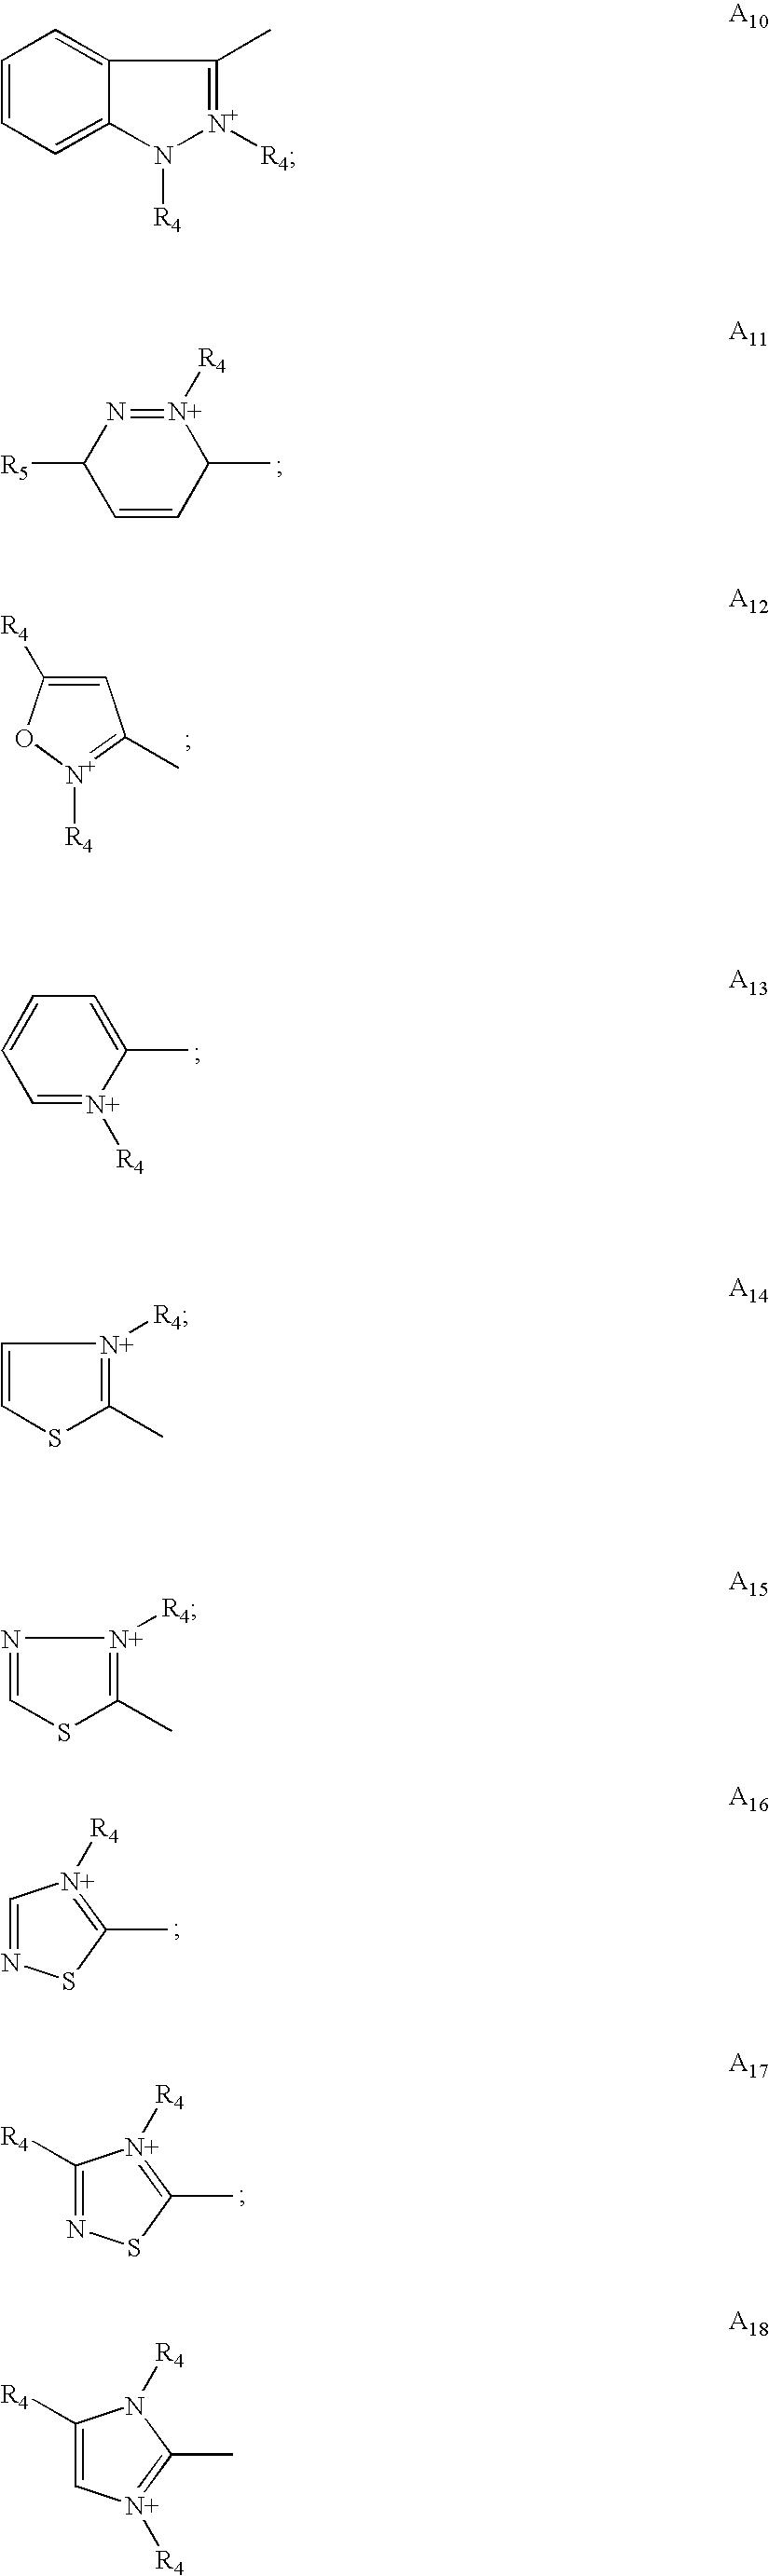 Figure US07901464-20110308-C00004